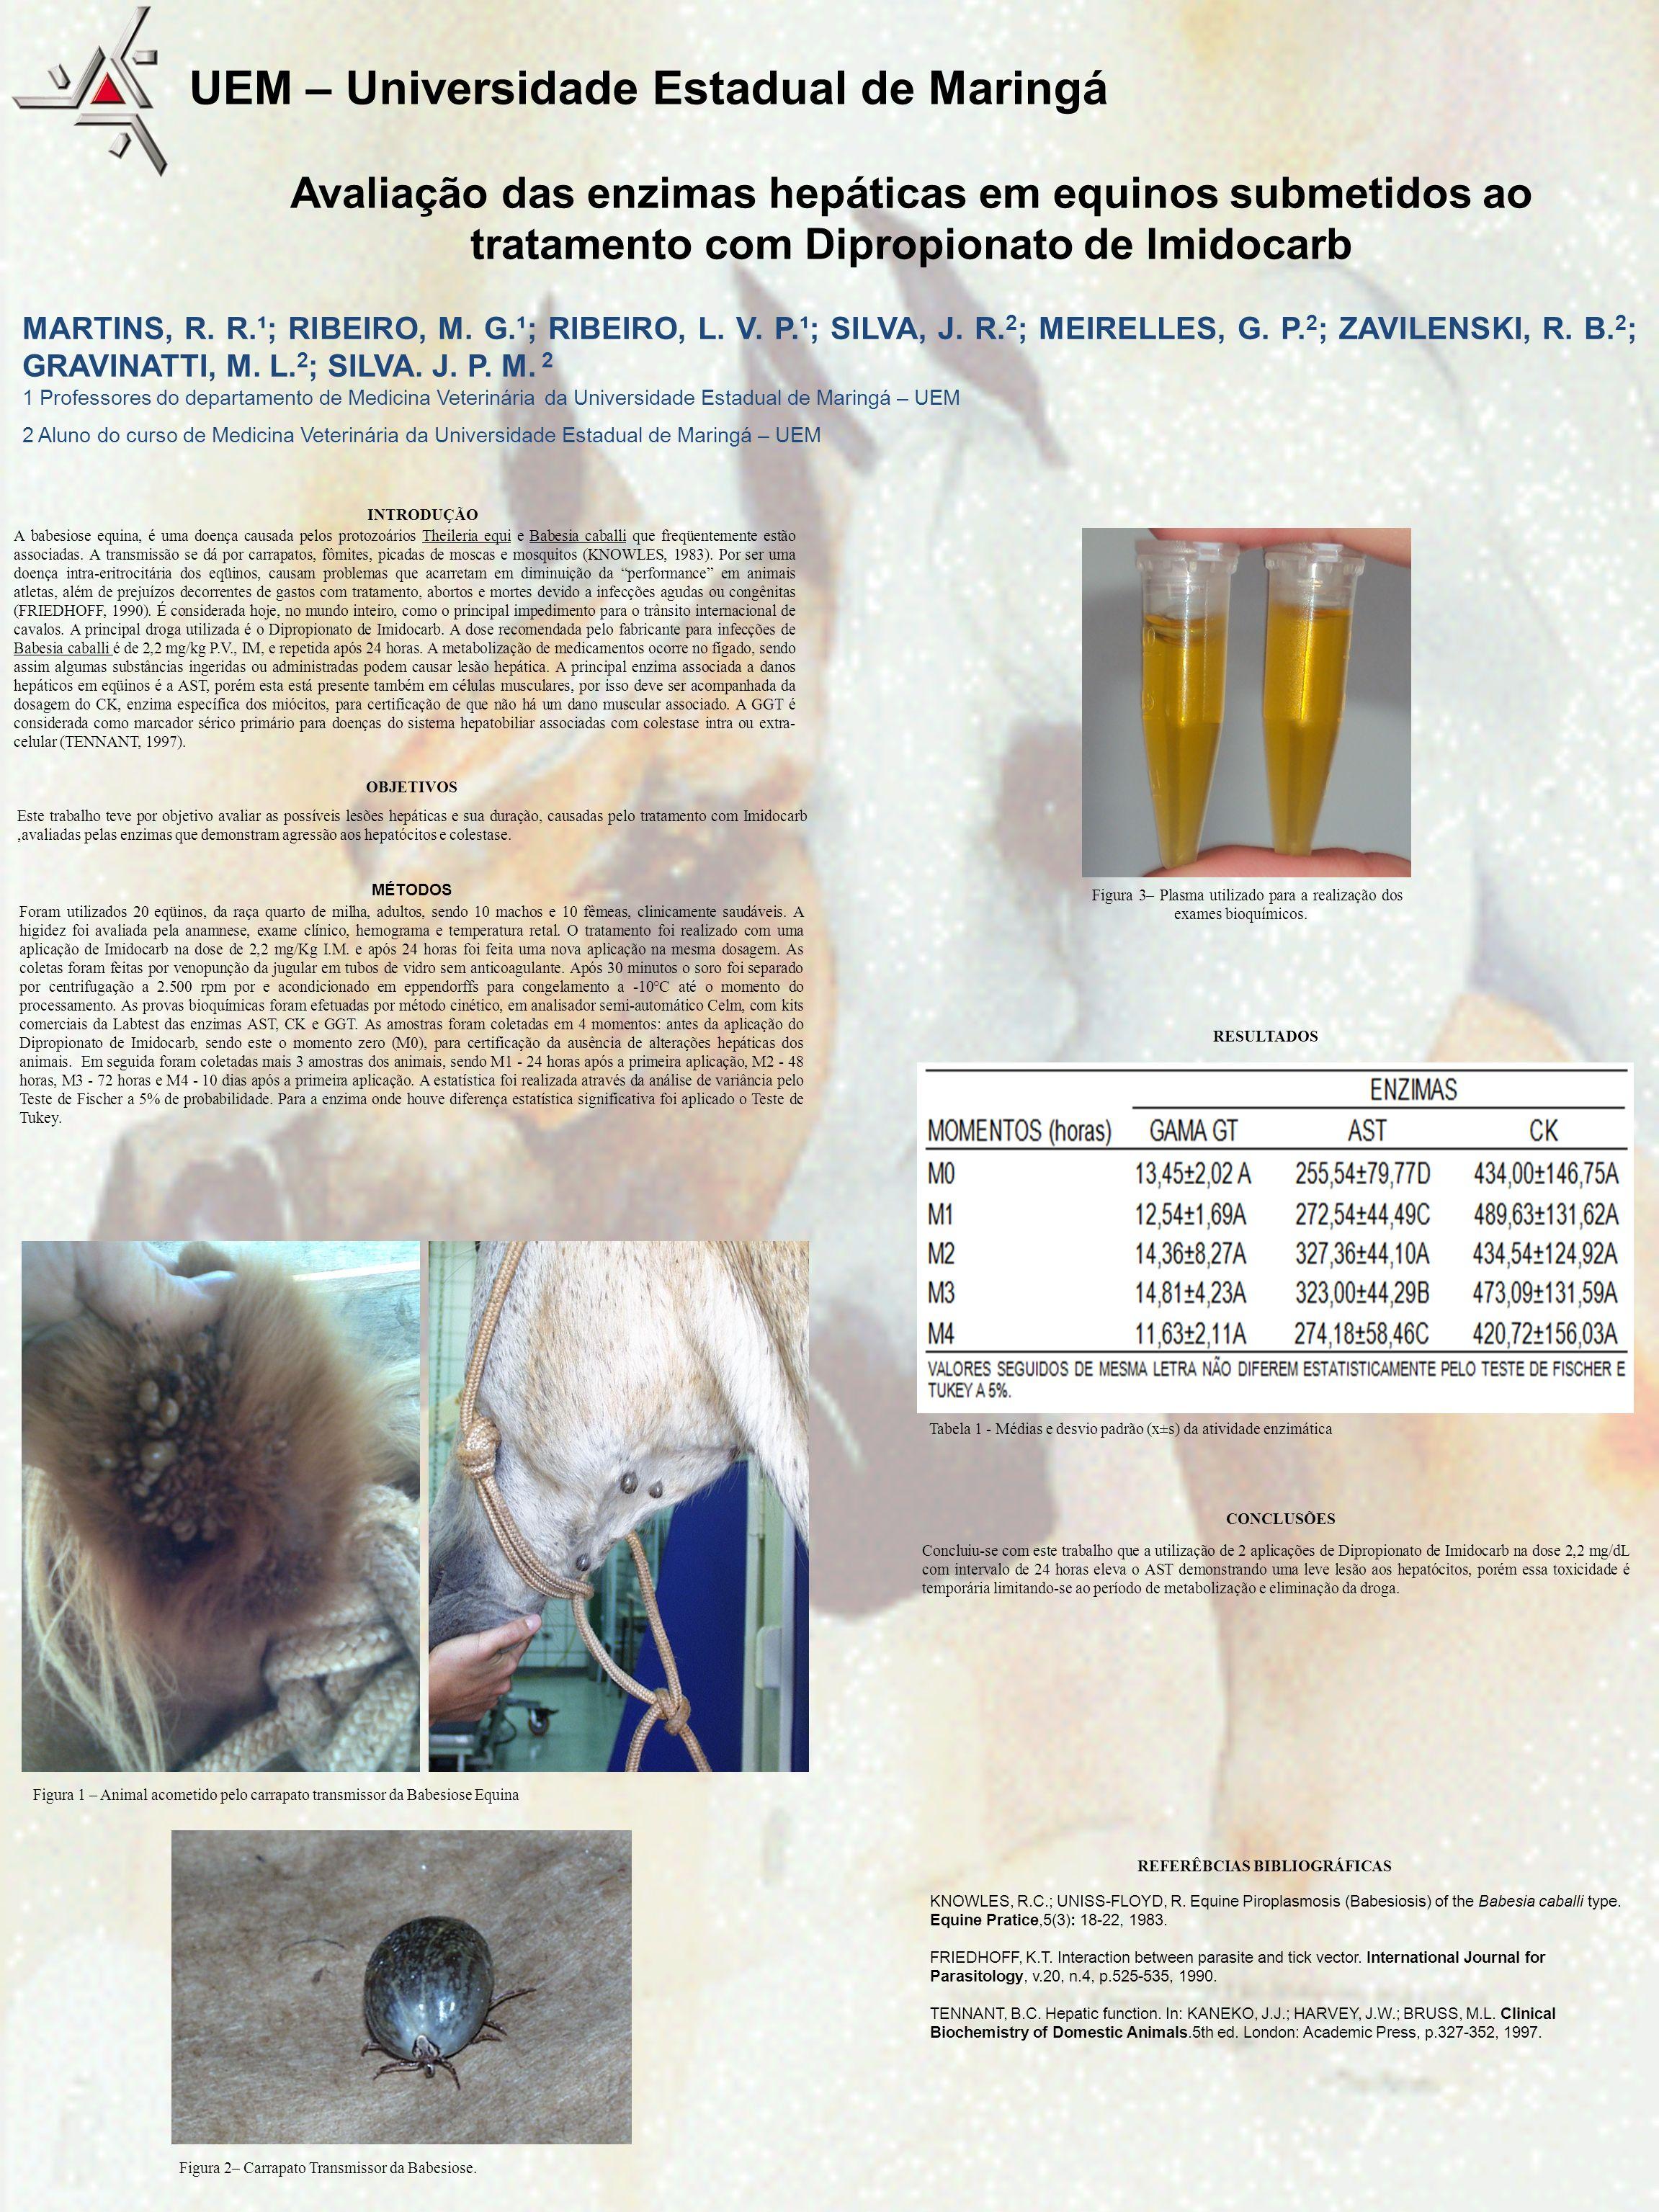 Avaliação das enzimas hepáticas em equinos submetidos ao tratamento com Dipropionato de Imidocarb MARTINS, R. R.¹; RIBEIRO, M. G.¹; RIBEIRO, L. V. P.¹